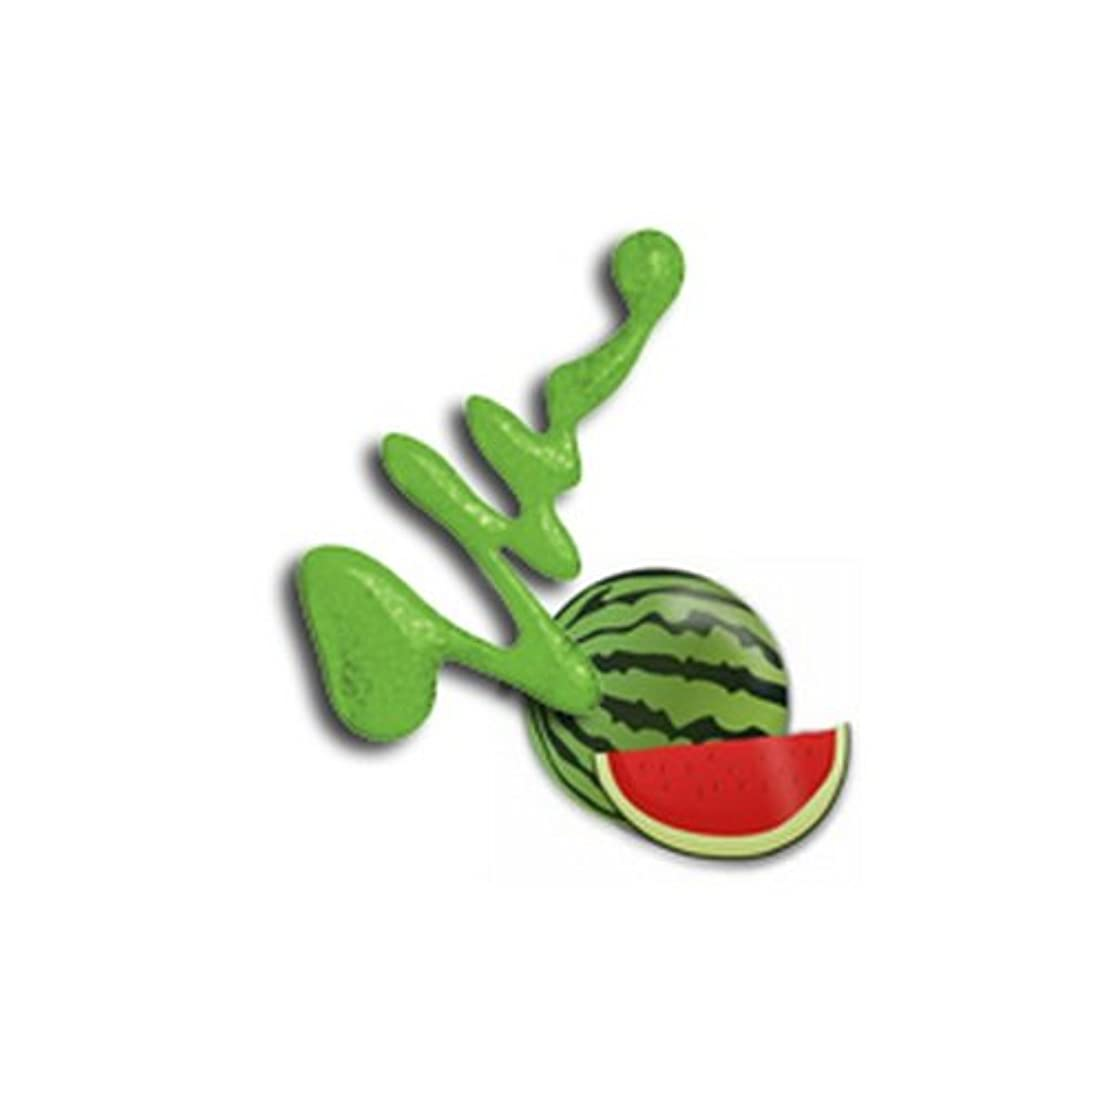 十分に記憶に残る修士号(3 Pack) LA GIRL Fruity Scented Nail Polish - Watermelon Splash (並行輸入品)